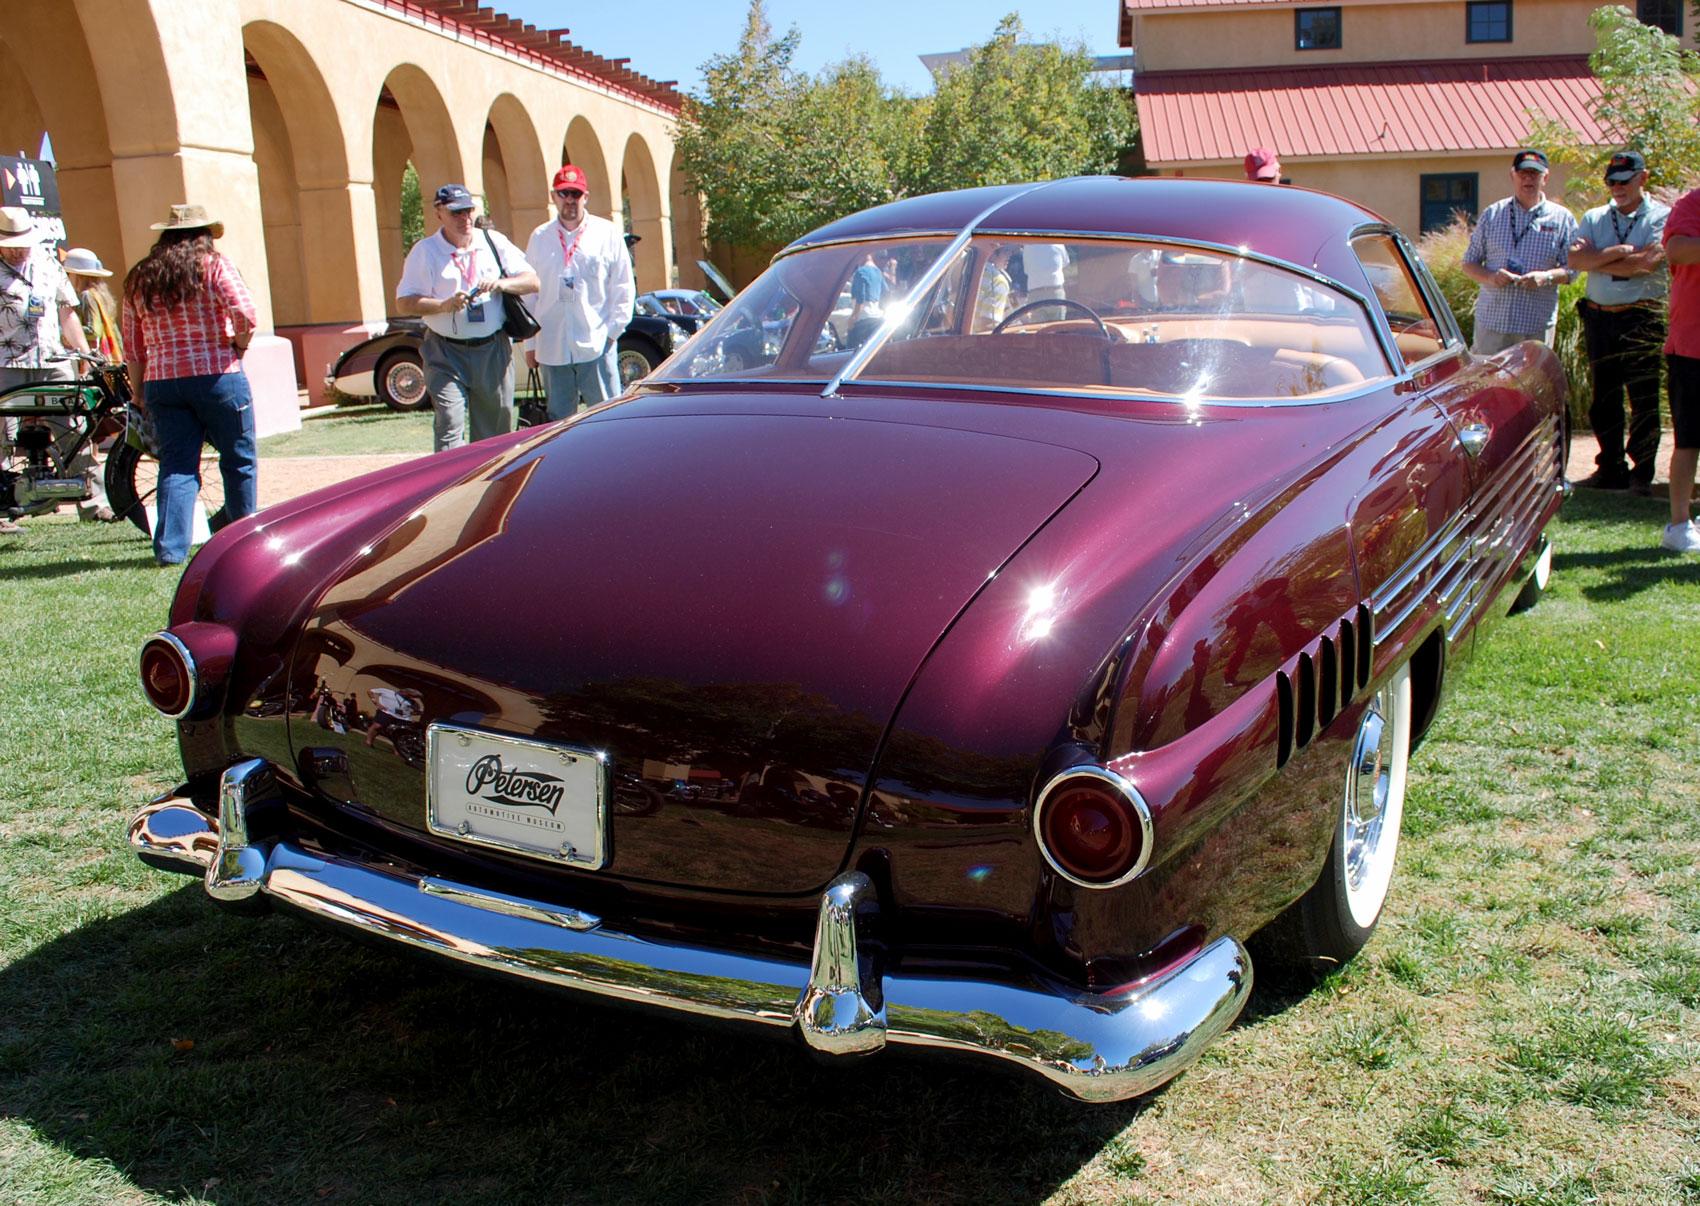 Rita-Hayworth-Cadillac-Ghia-r34.jpg